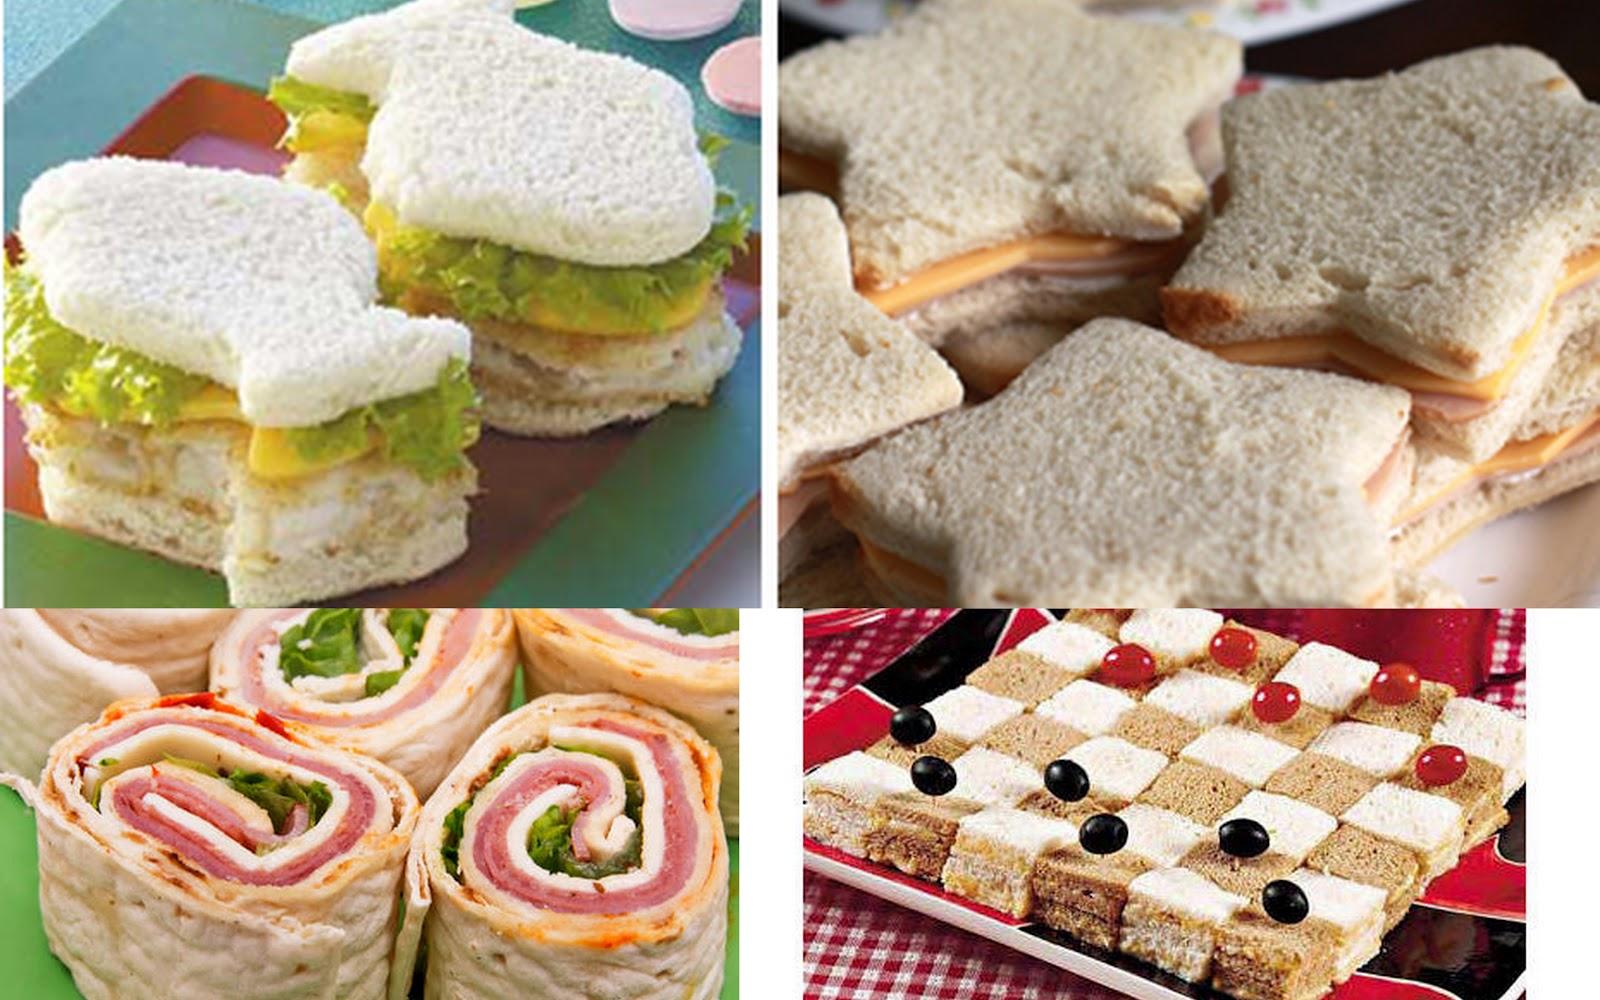 Fiestas con encanto ideas f ciles y divertidas de comida for Ideas para fiestas infantiles